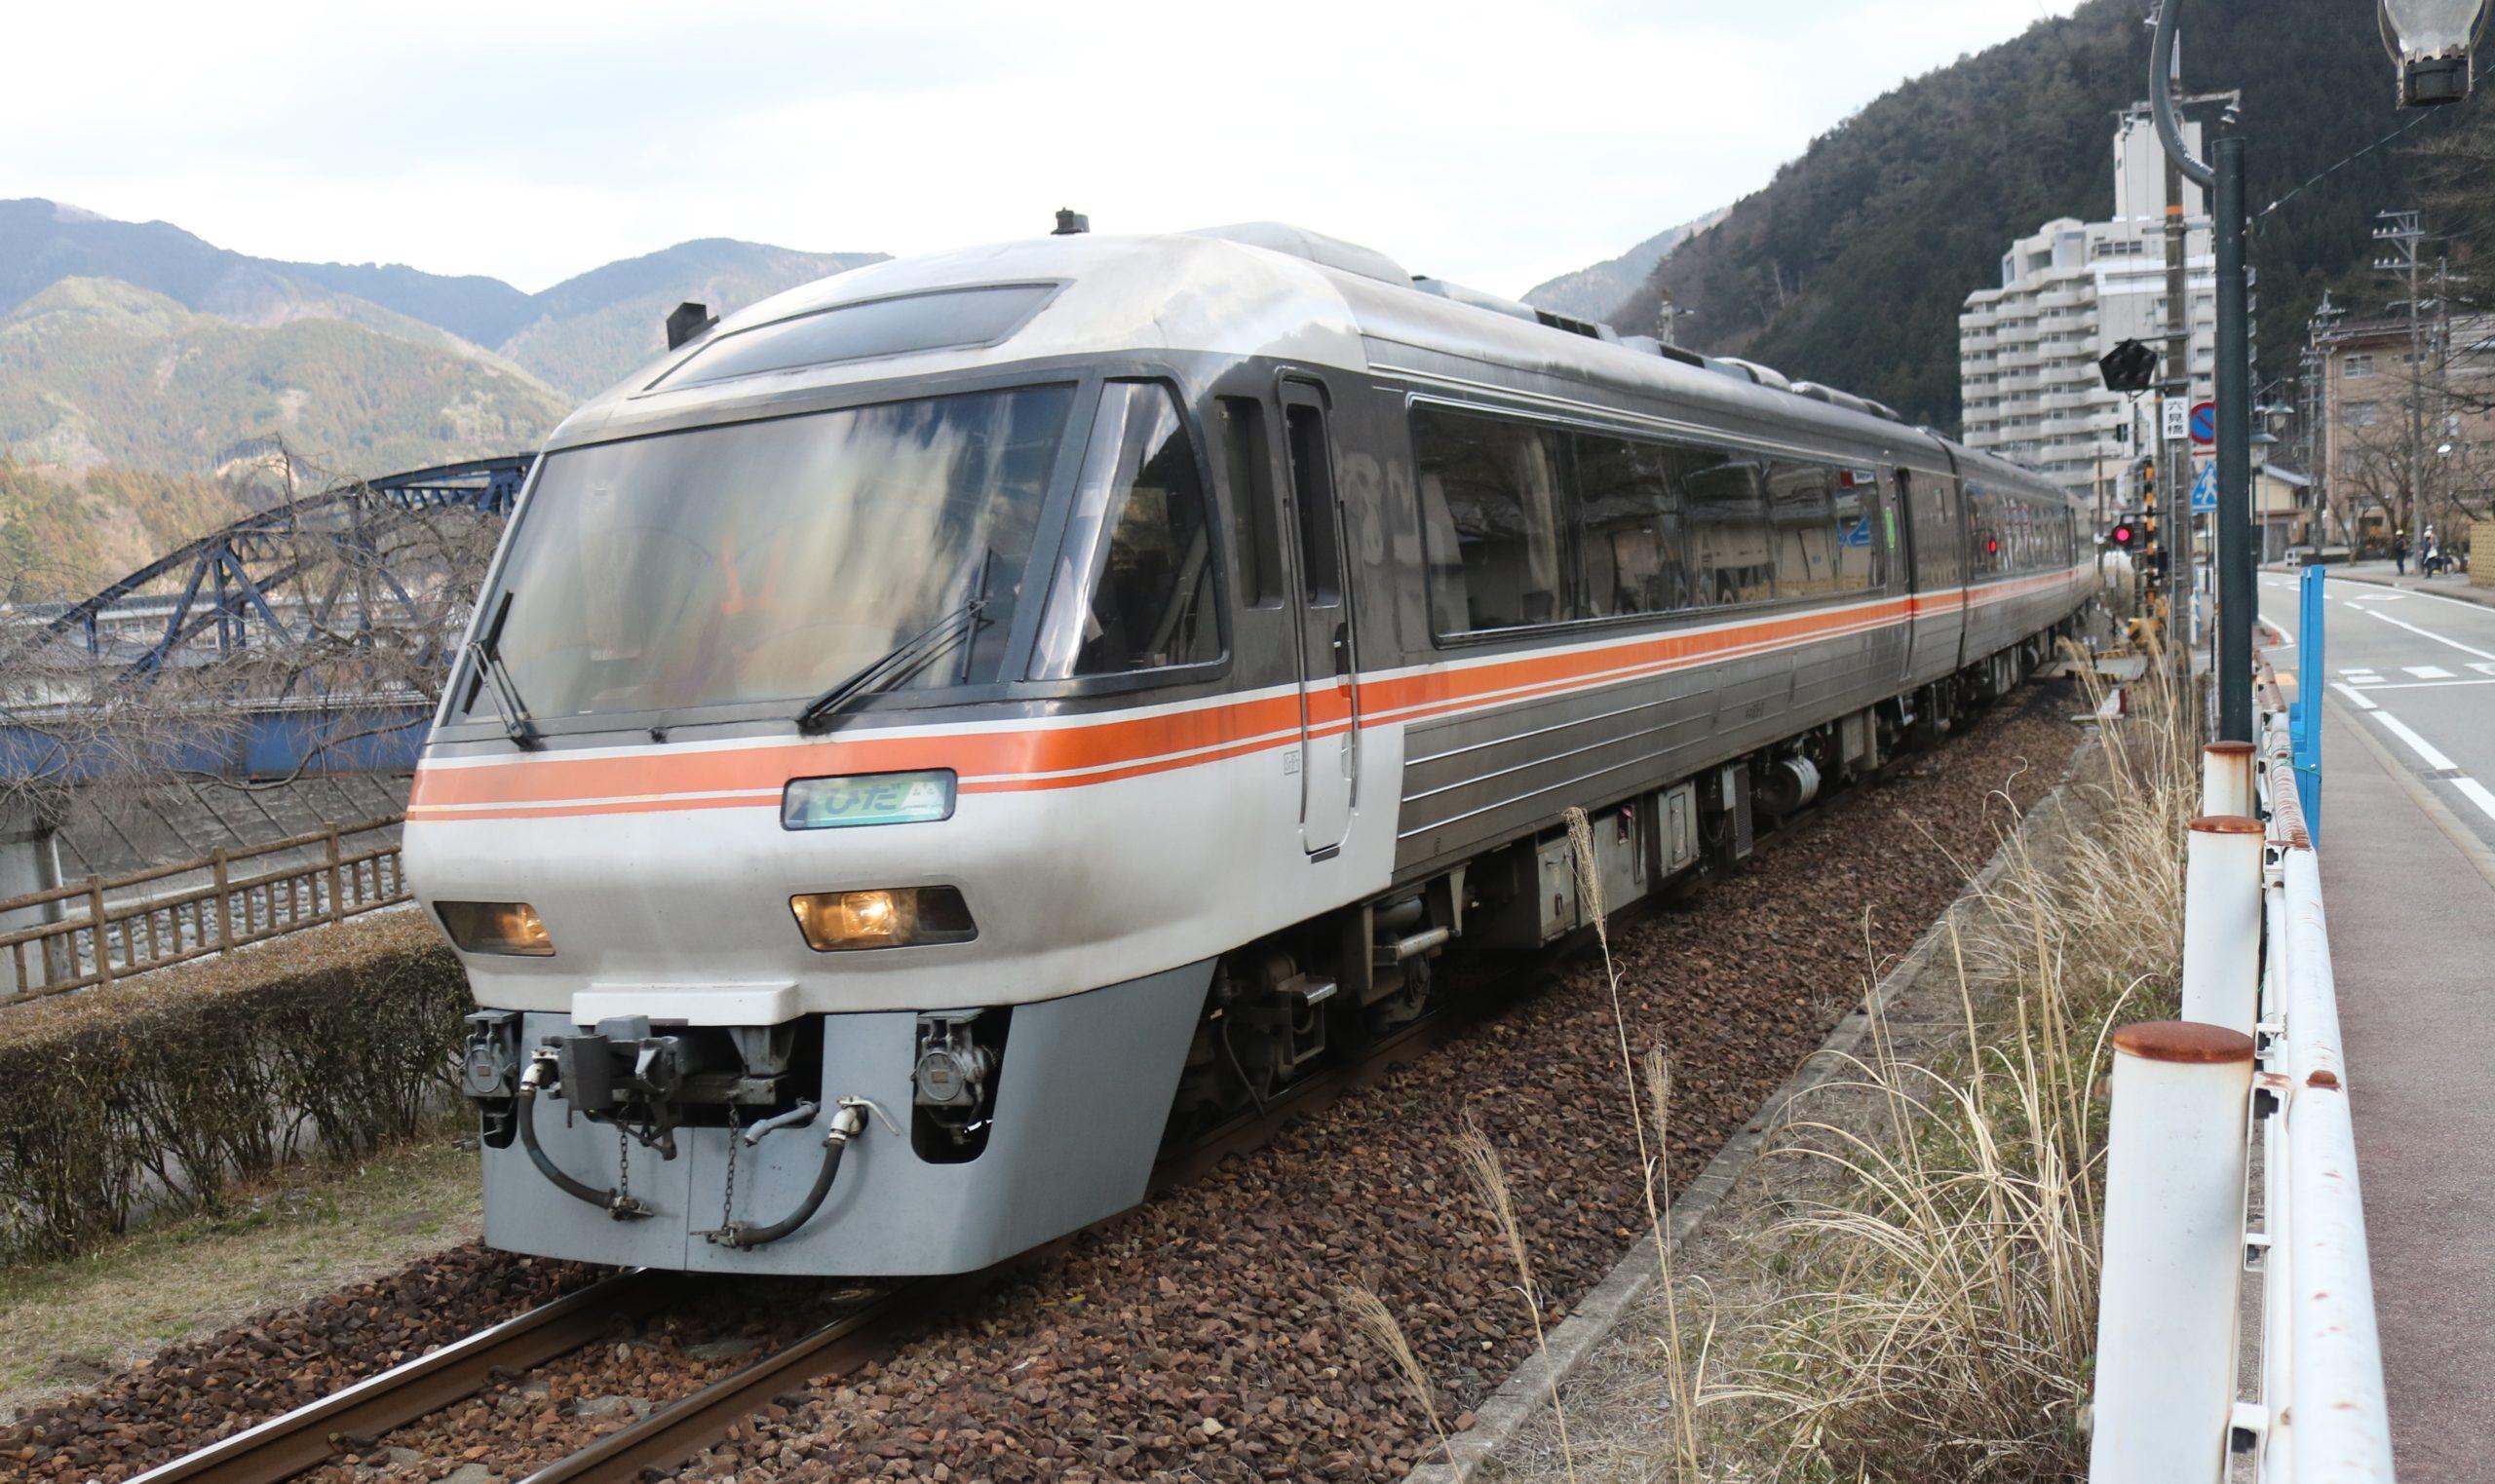 【令和2年7月豪雨で被災】全線でJR高山本線7/23に運転再開!ワイドビューひだも運転再開へ